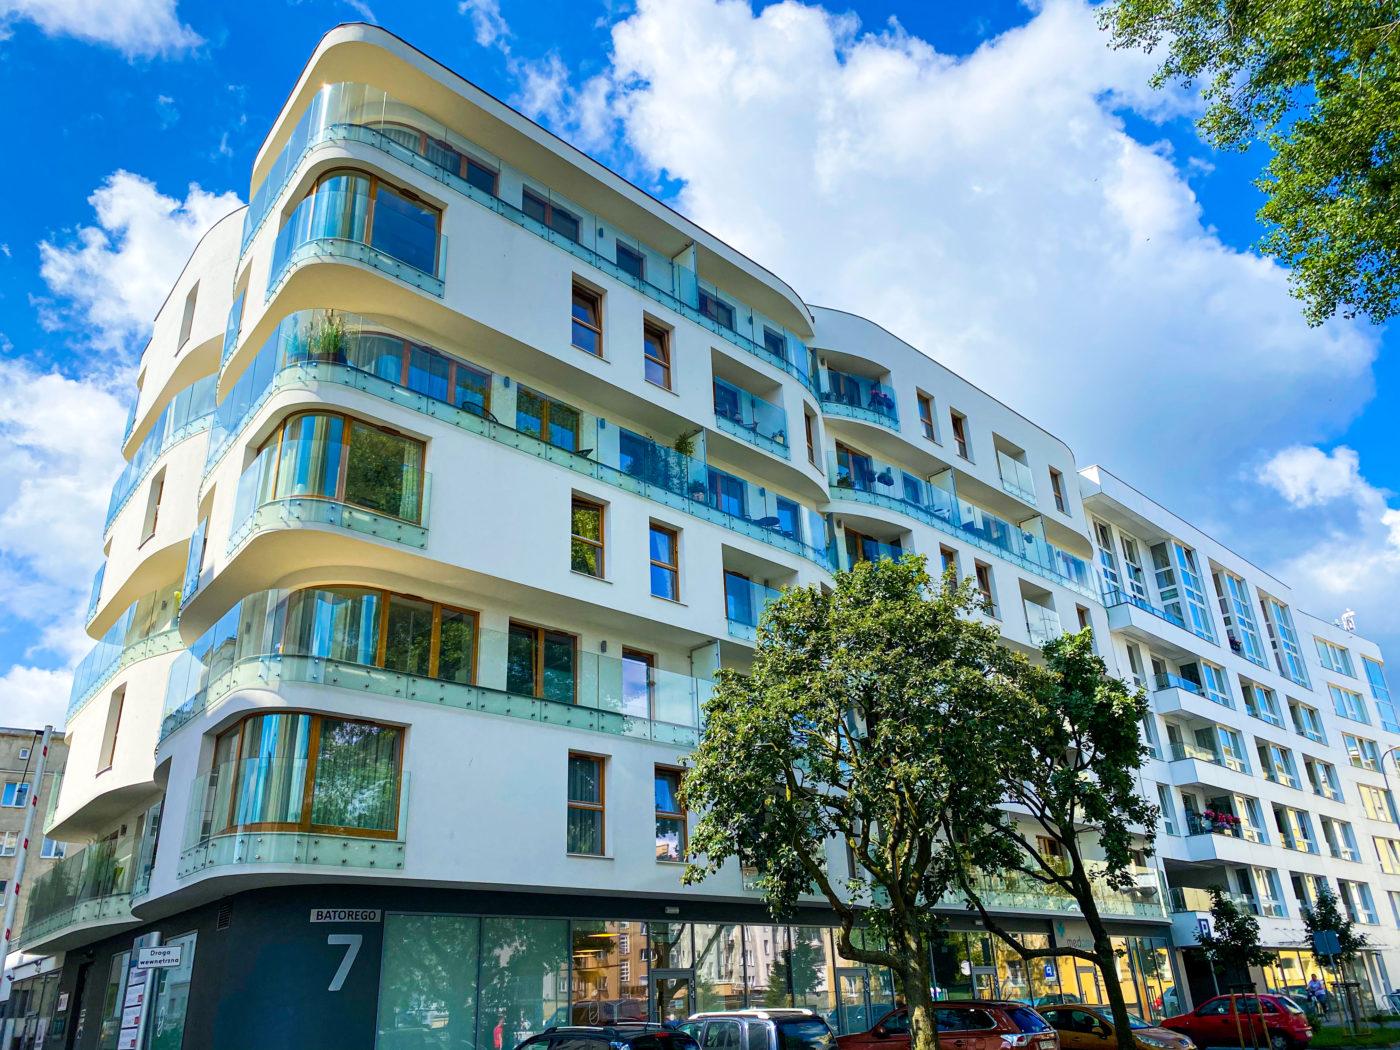 Budynek wielorodzinny, Gdynia ul. Batorego 7